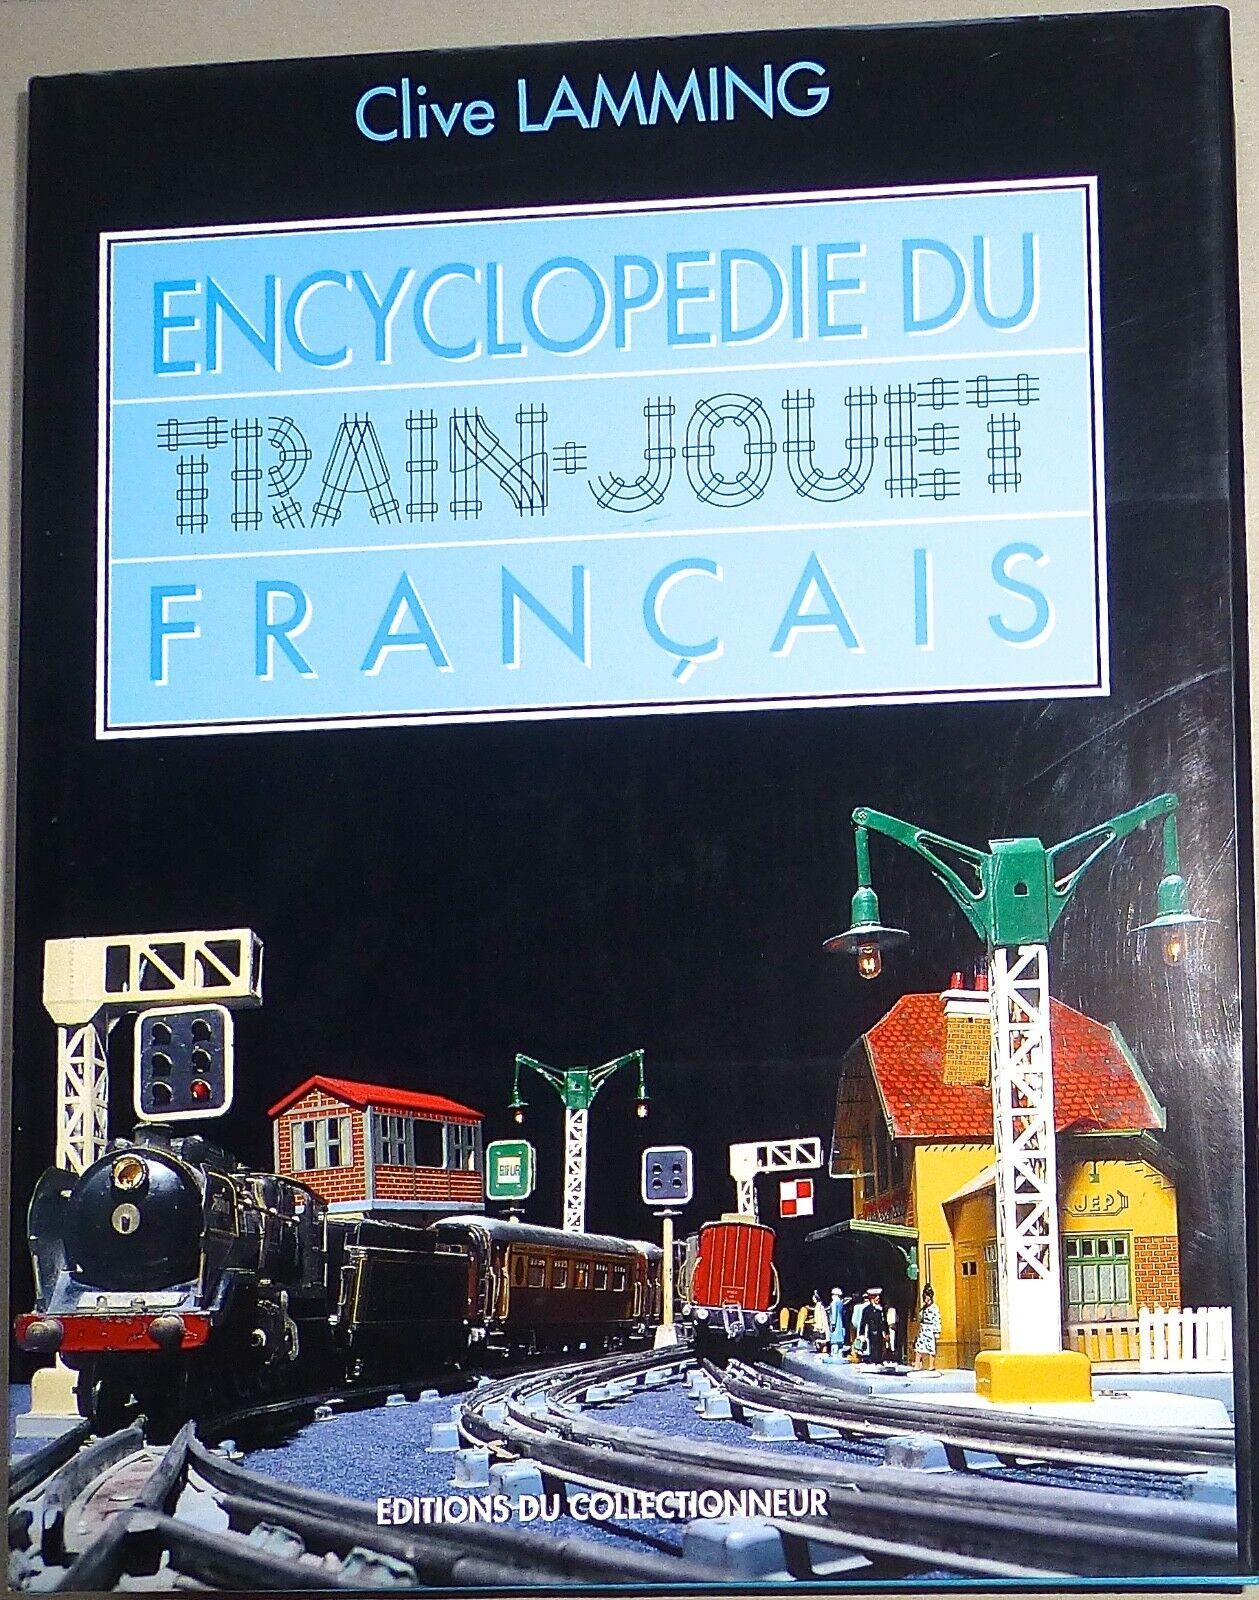 Rileva du Train Jouet Francais Clive Consigho ed. collectionneur hs6 Å *